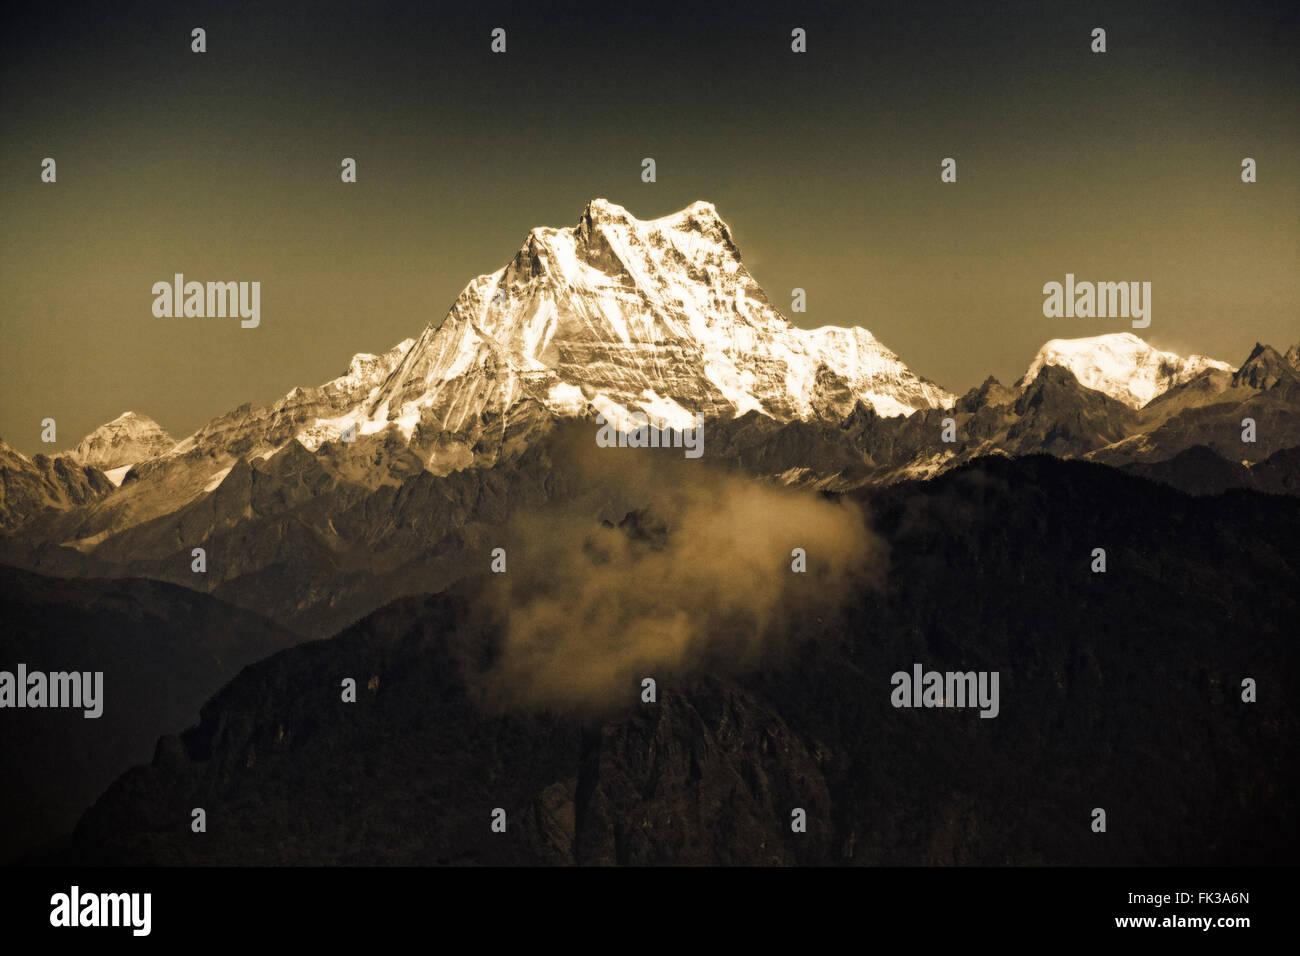 Frauengeschichten Bande bei 7.194 Metern im östlichen Himalaya. Bhutan. Stockfoto